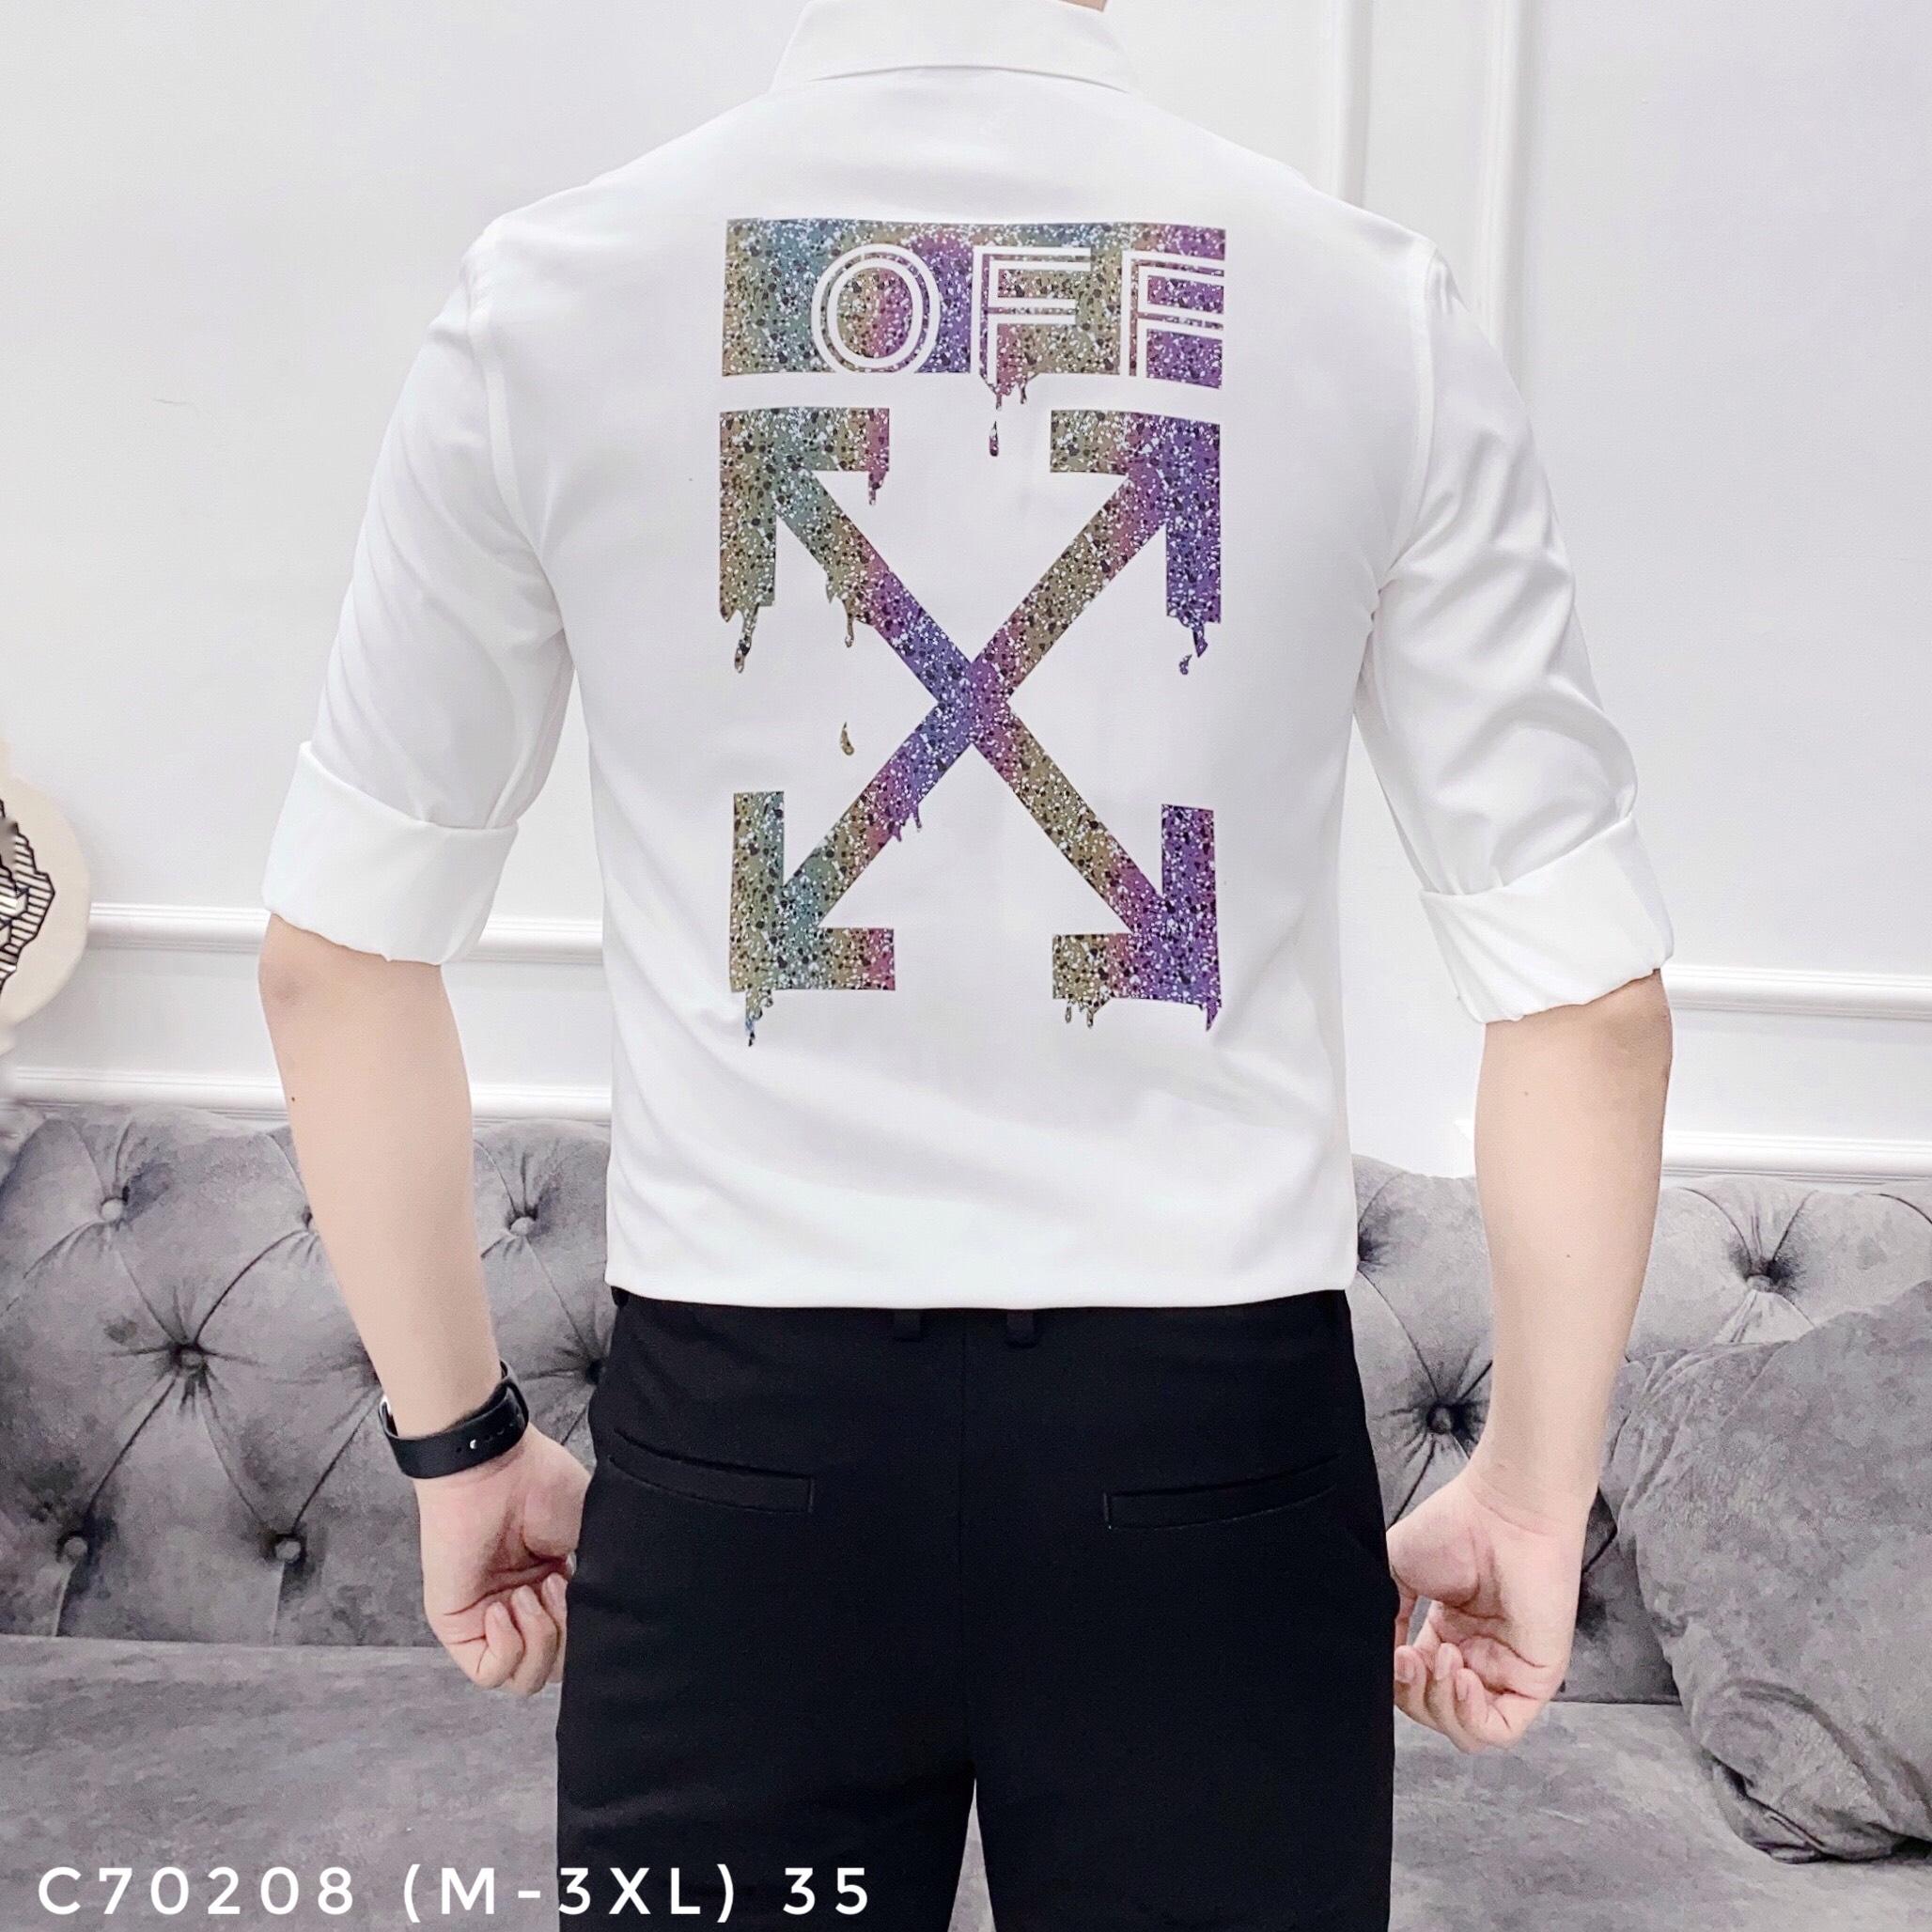 SƠMI C70208 (M-3XL)